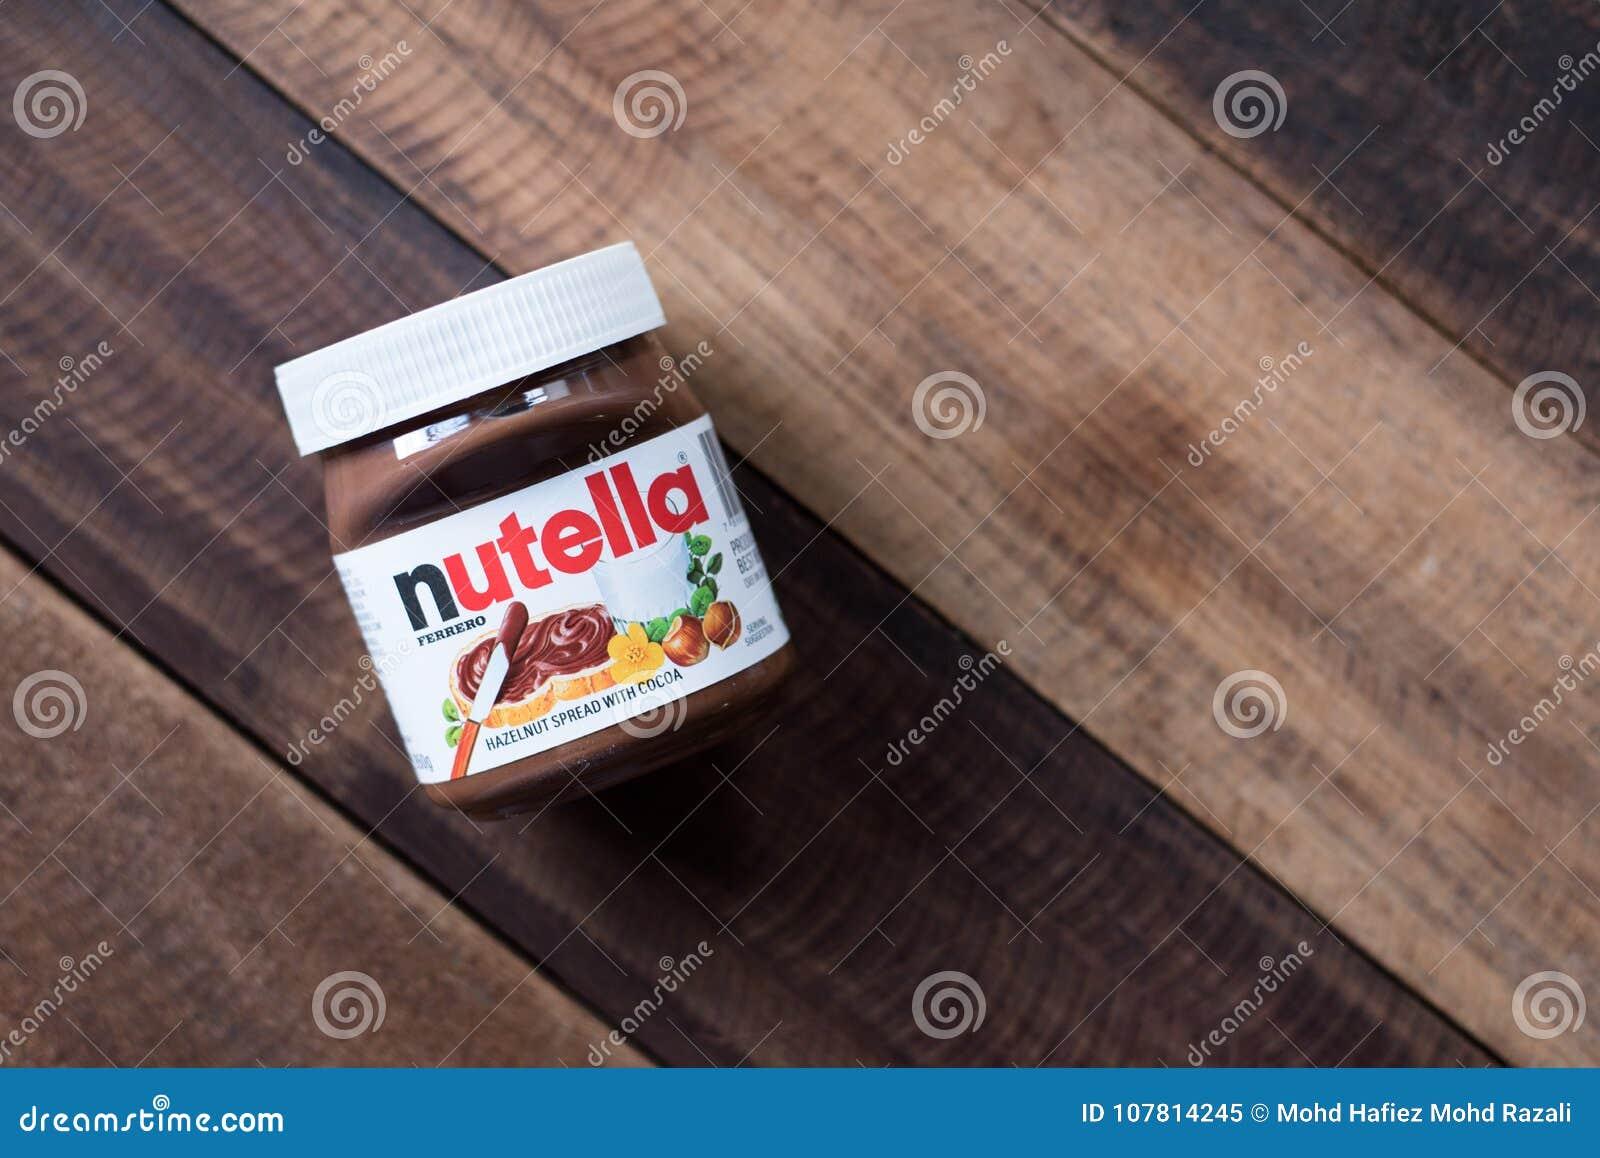 Cioccolato di Nutella spanto sulla tavola di legno